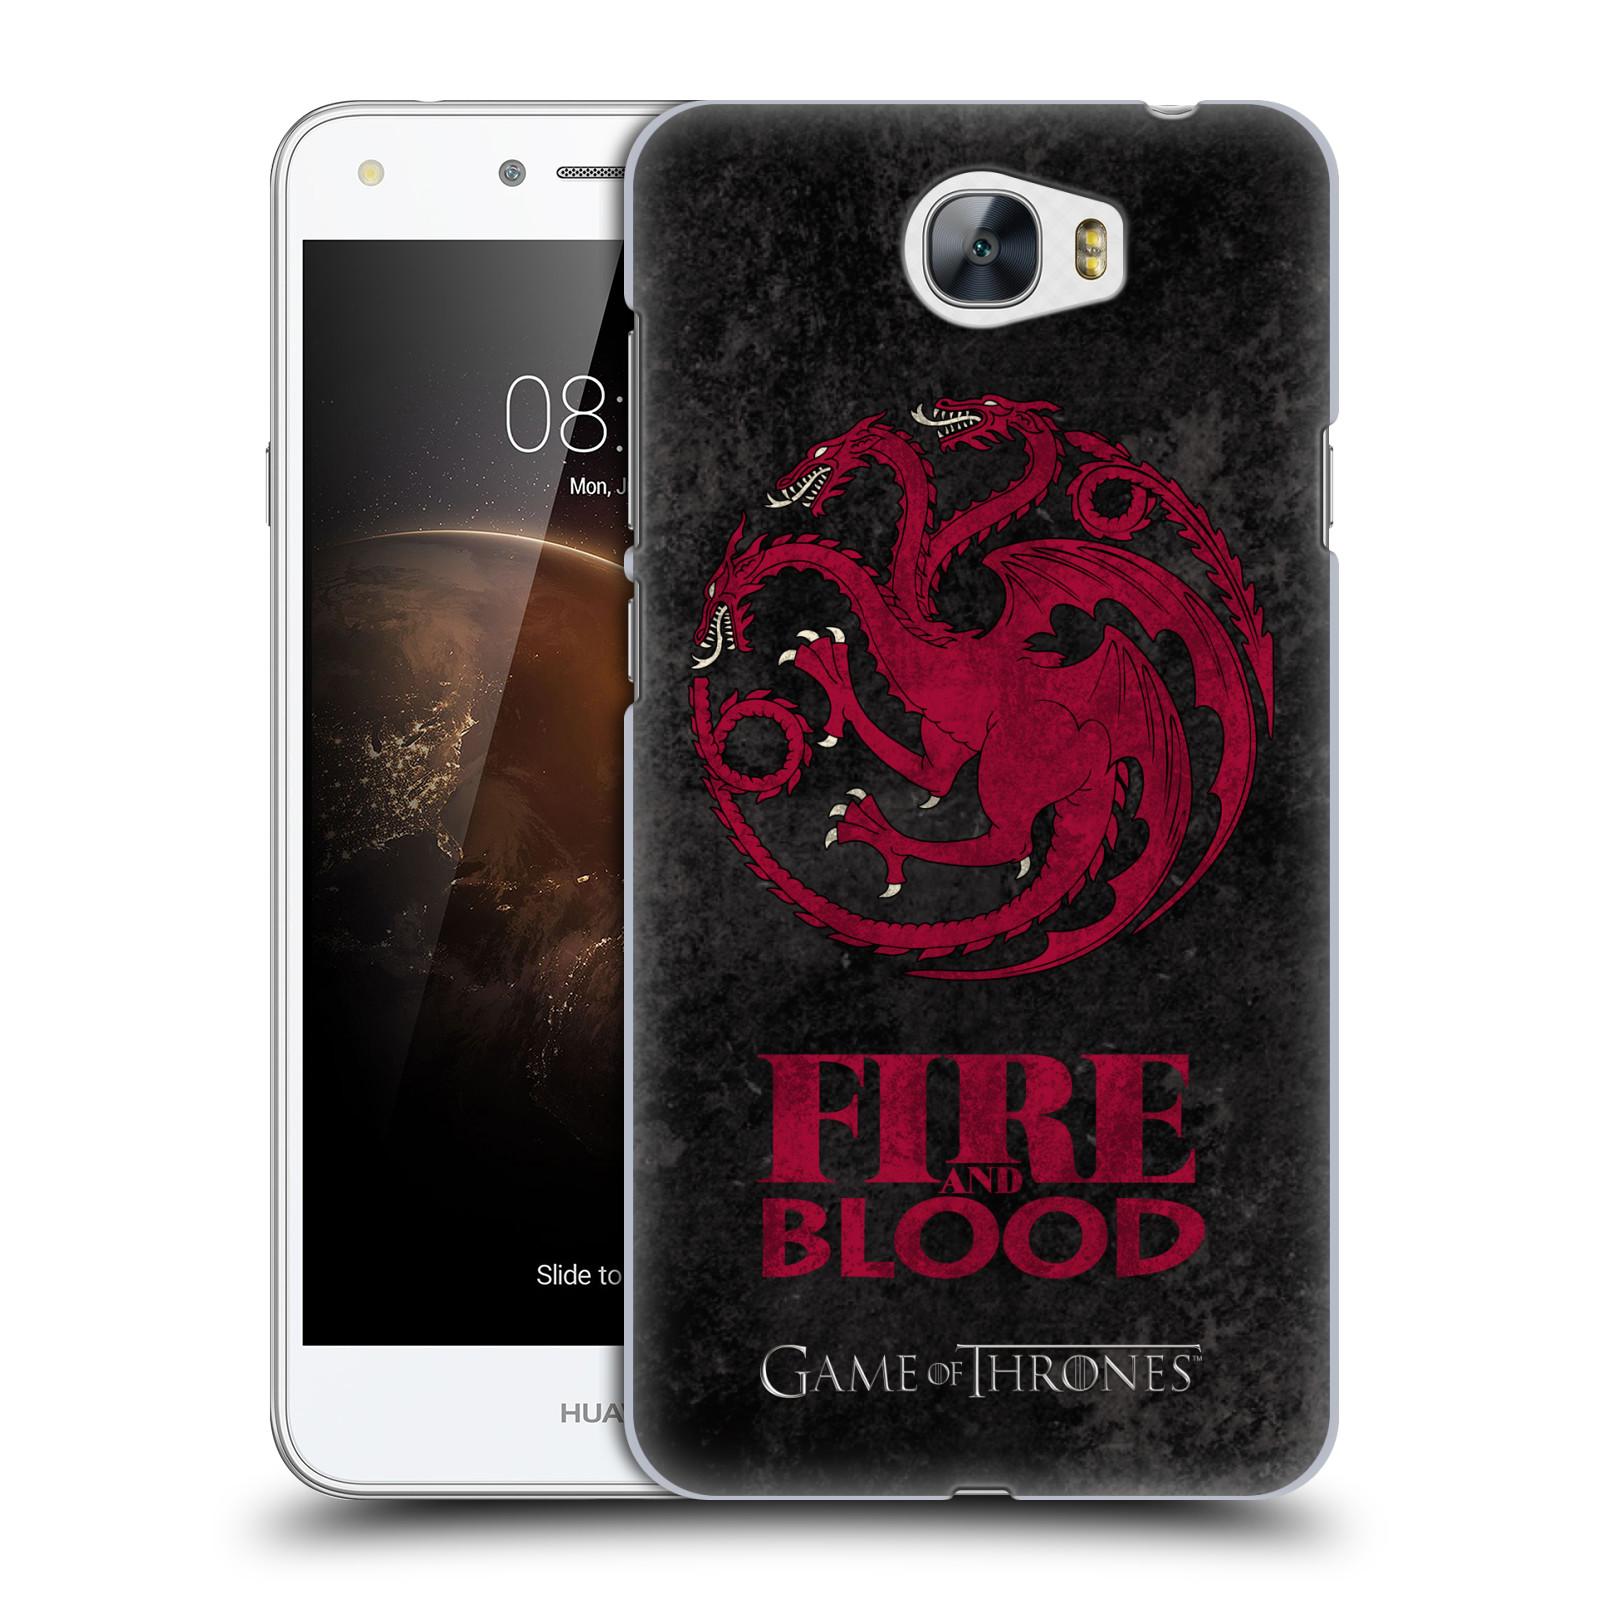 Plastové pouzdro na mobil Huawei Y5 II HEAD CASE Hra o trůny - Sigils Targaryen - Fire and Blood (Plastový kryt či obal na mobilní telefon s licencovaným motivem Hra o trůny - Game Of Thrones pro Huawei Y5 II)